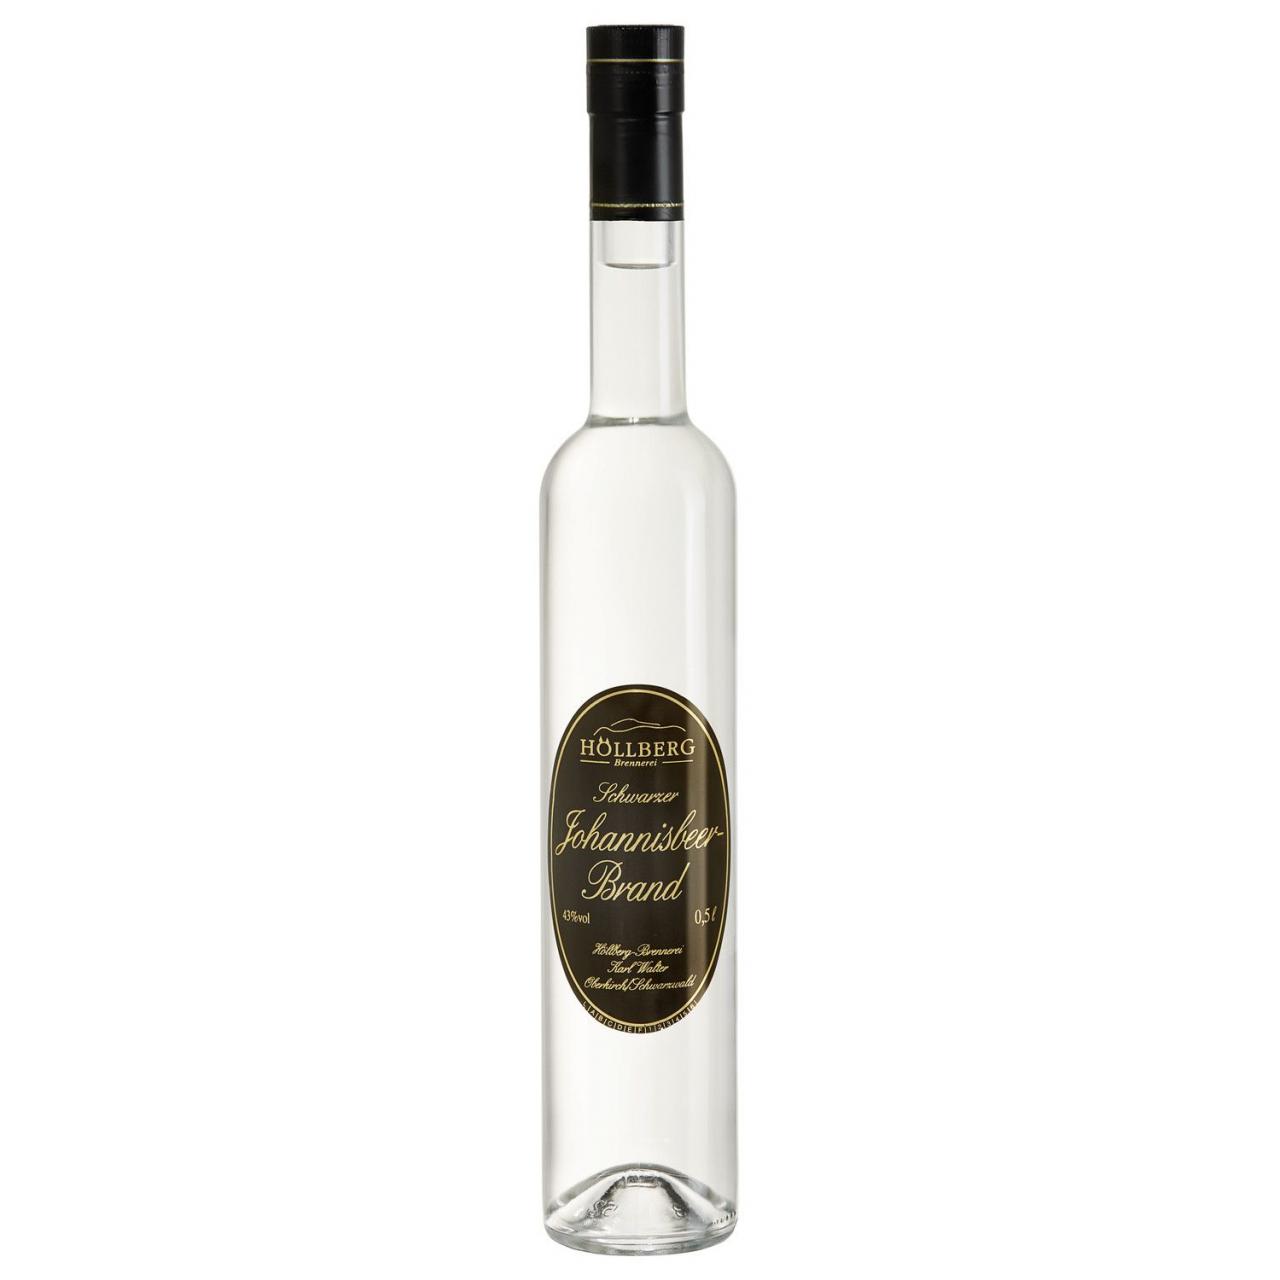 0,5 Liter Flasche Höllnberg Schwarze Johannisbeere